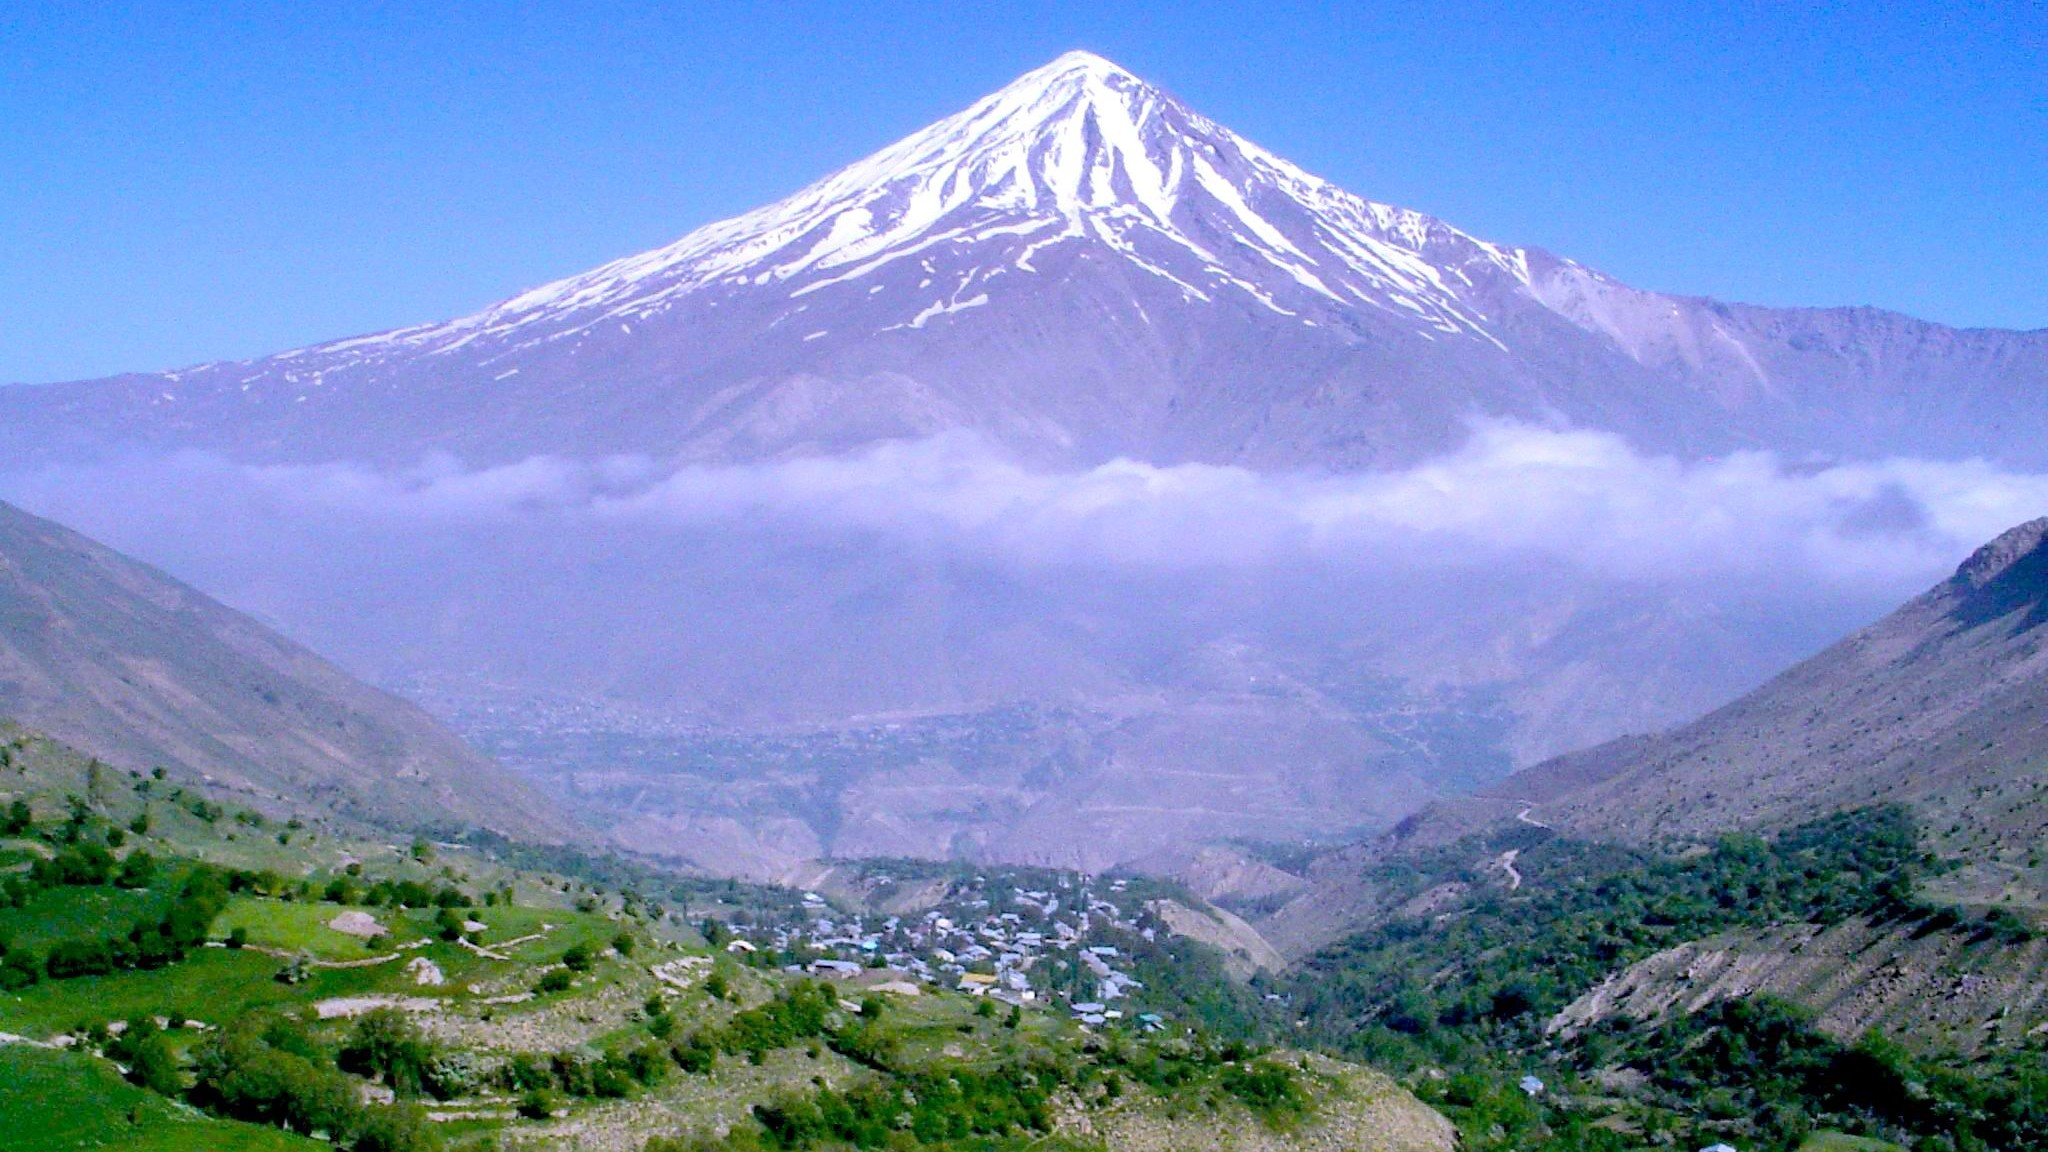 روستای نوا و نمایی از قله دماوند